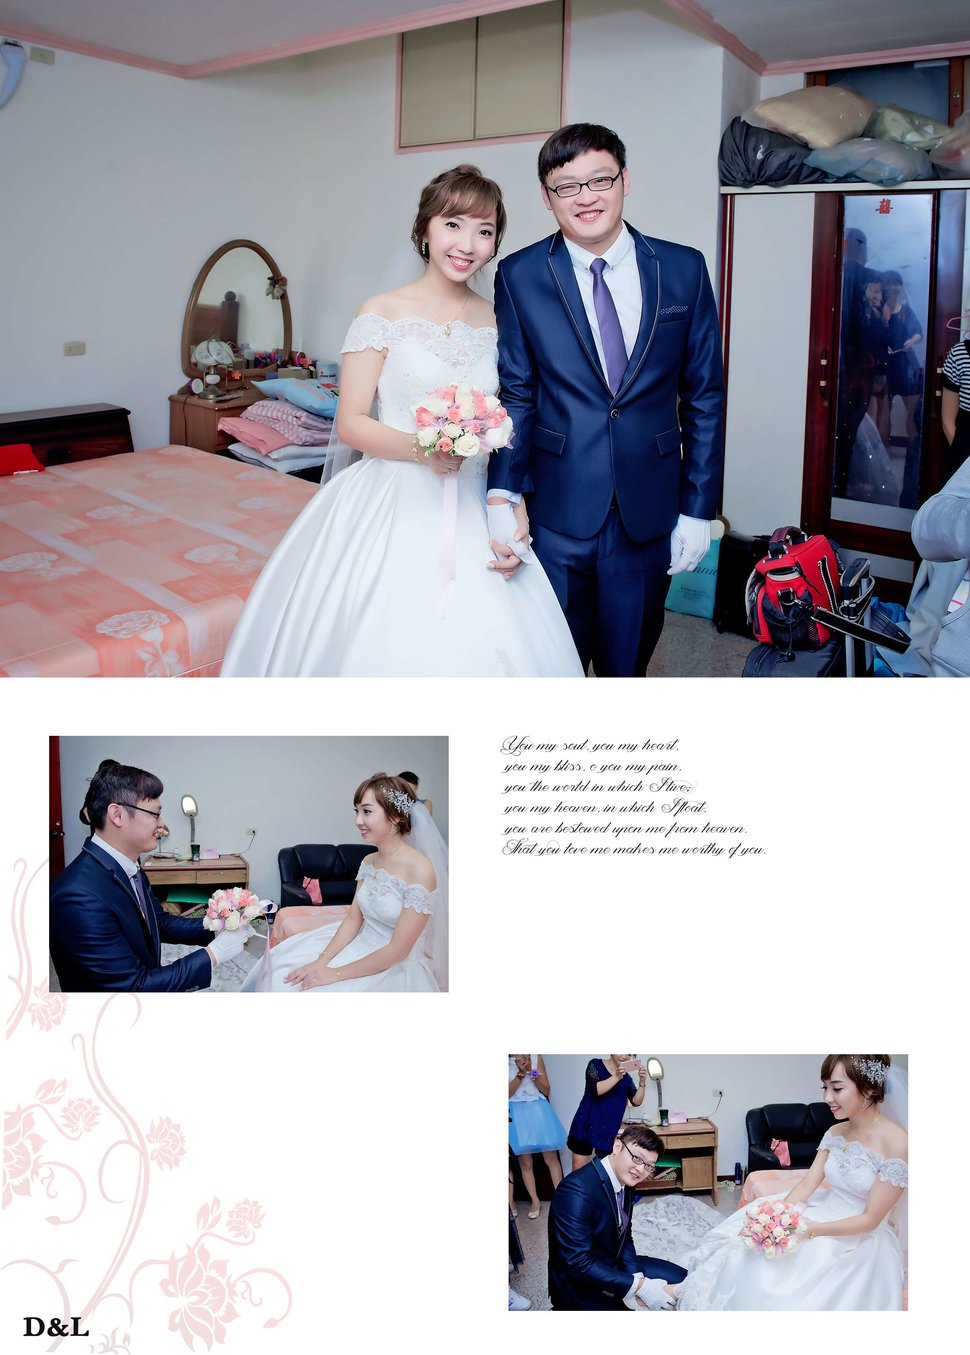 婚禮紀錄 嘉捷&莉卿(編號:300037) - D&L 婚禮事務-婚紗攝影/婚禮記錄 - 結婚吧一站式婚禮服務平台